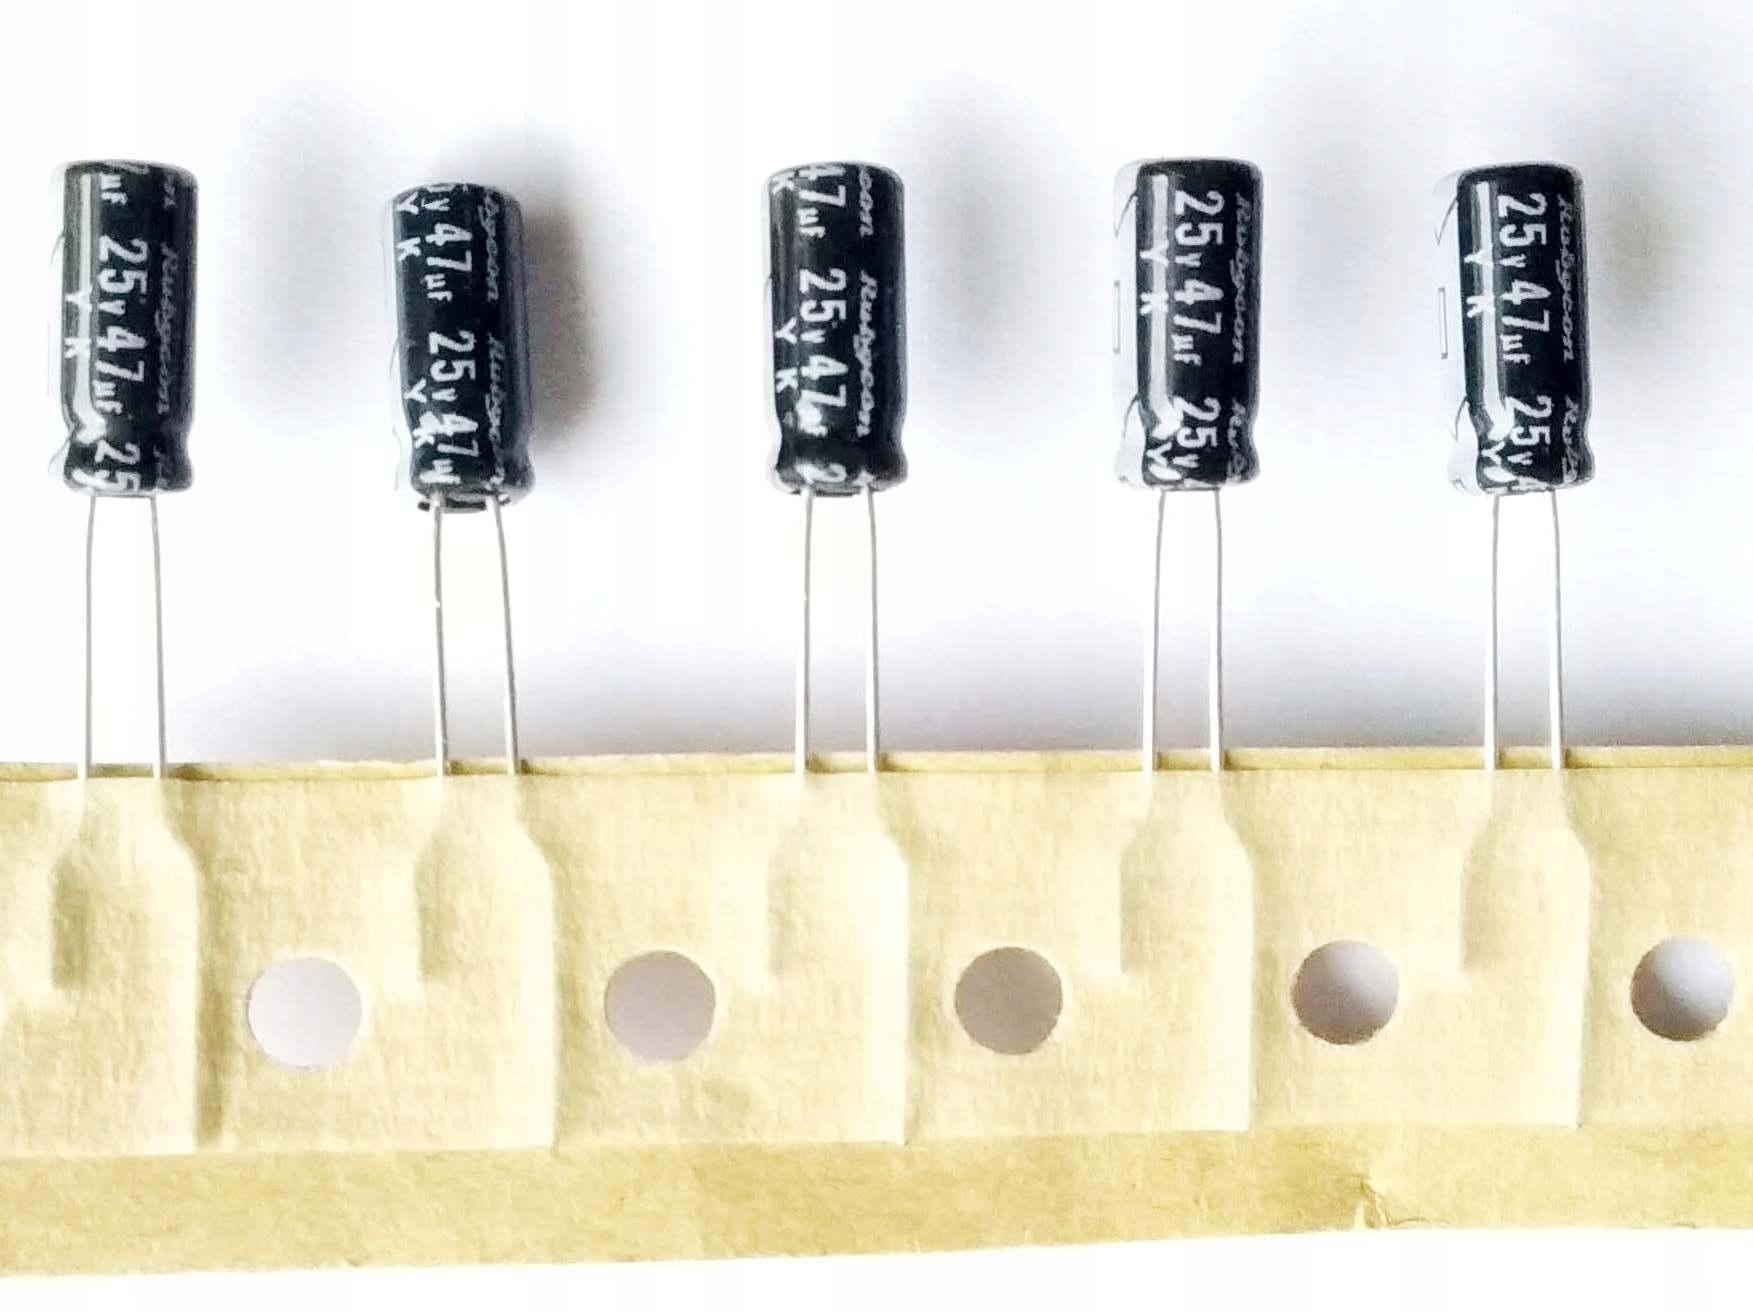 Kondensator 47uF 25V 85C 5x5x11 Rubycon - 50 szt.